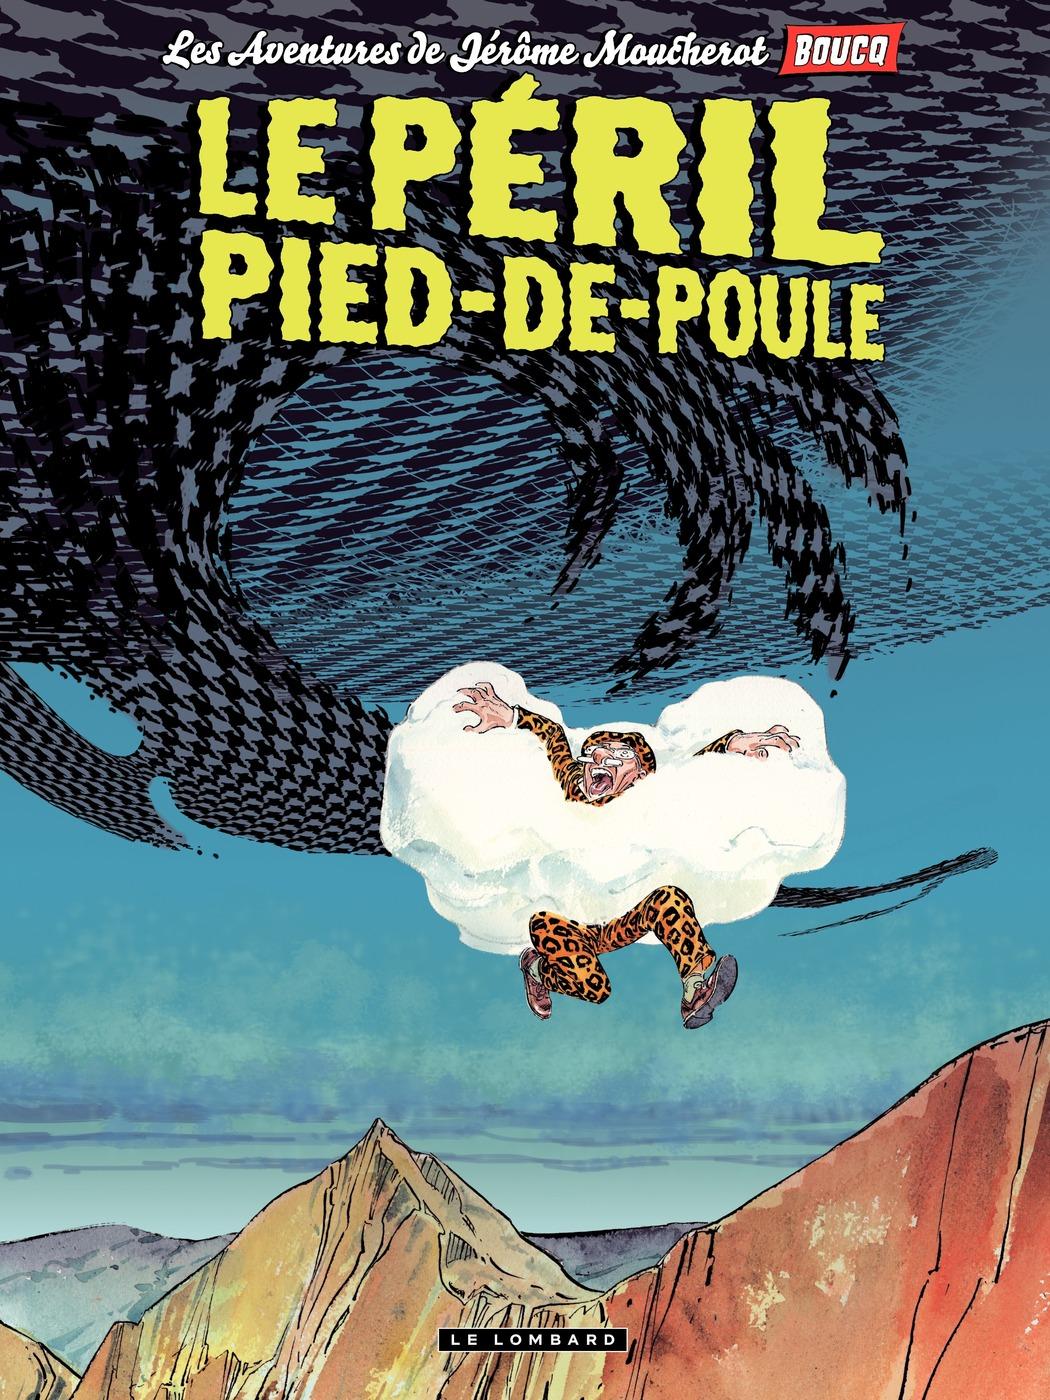 Jérôme Moucherot - tome 03 - Le péril pied-de-poule